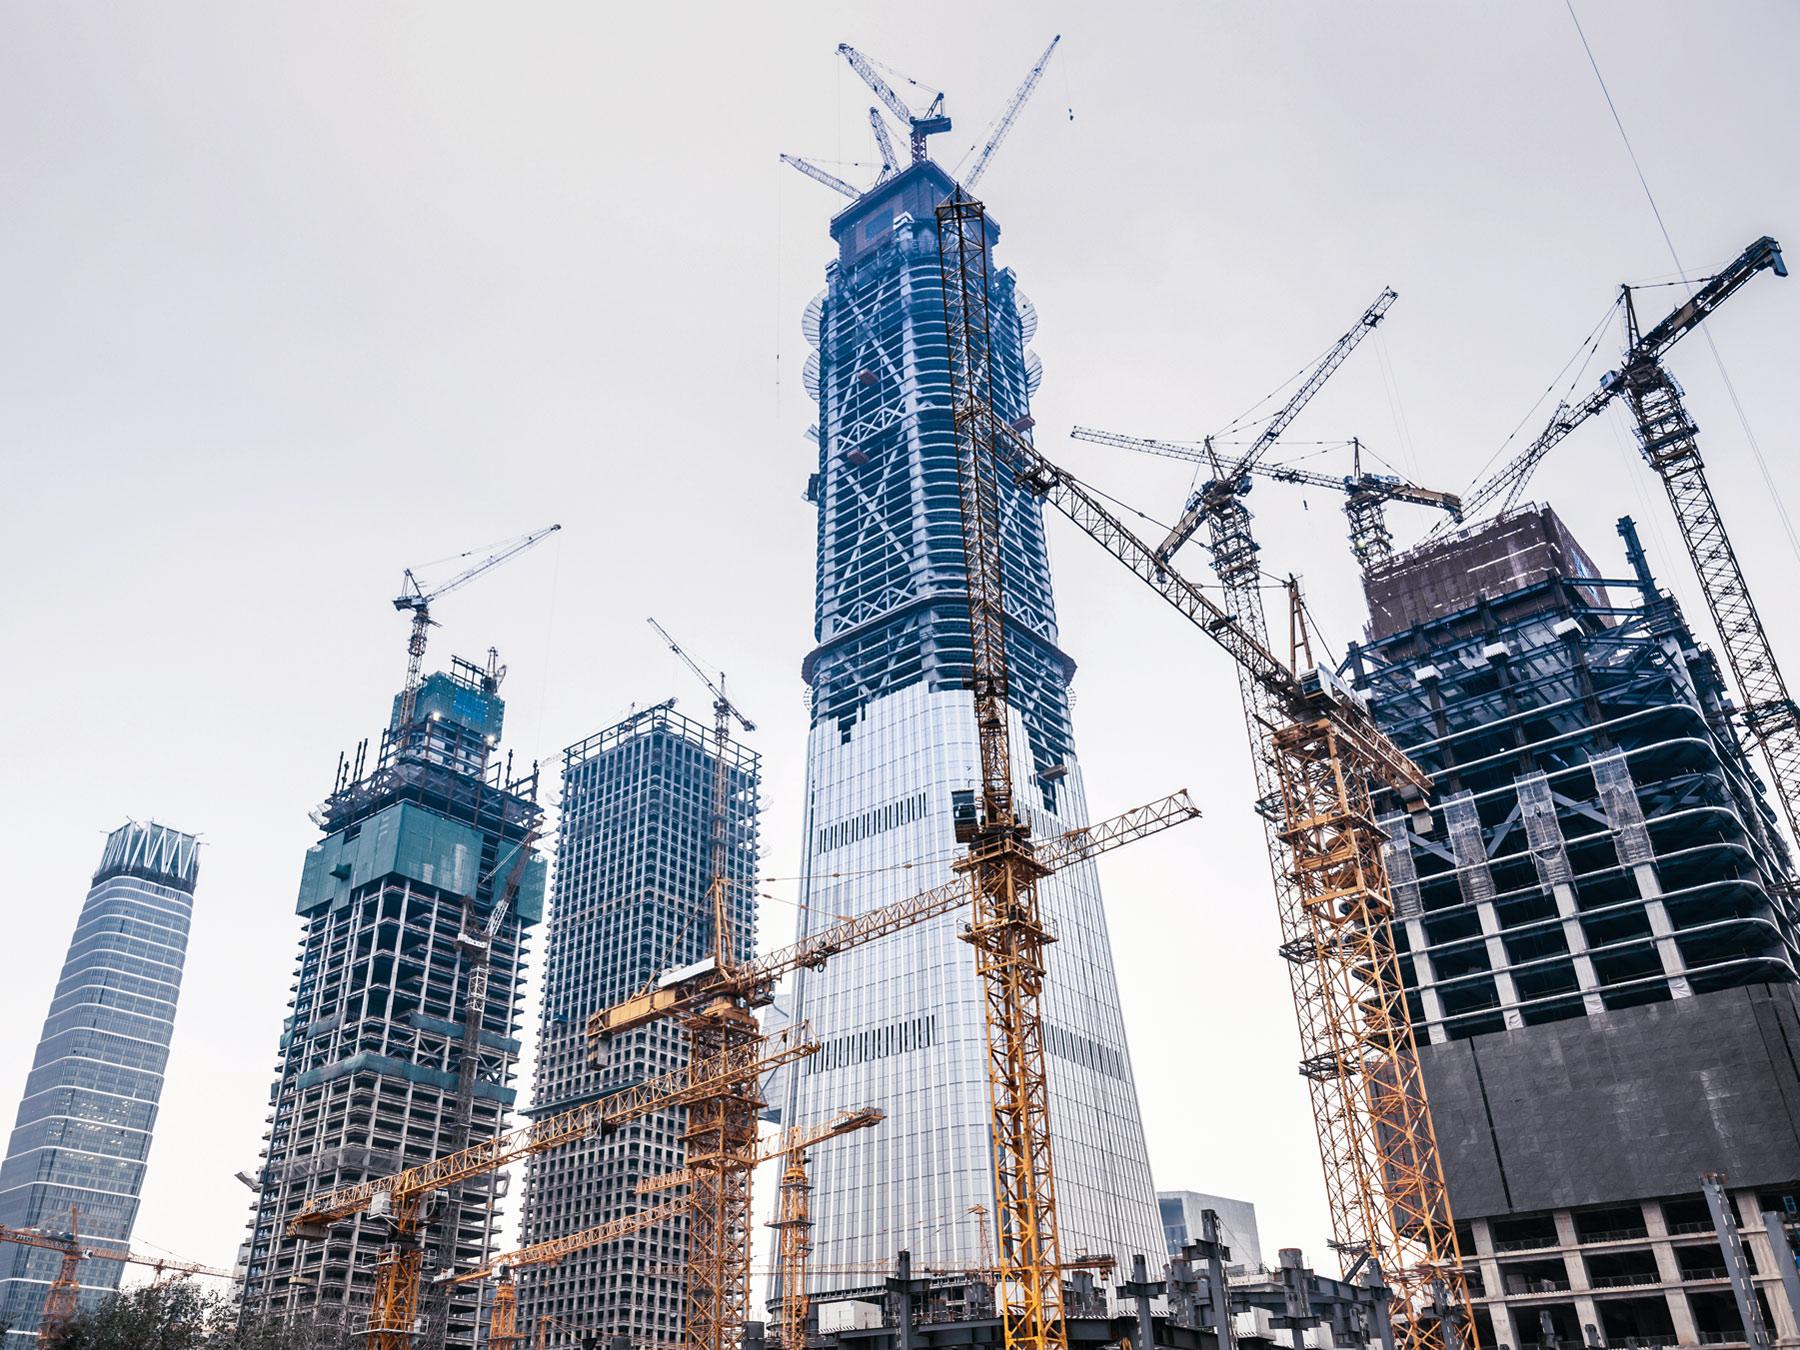 How Do Construction Cranes Work?